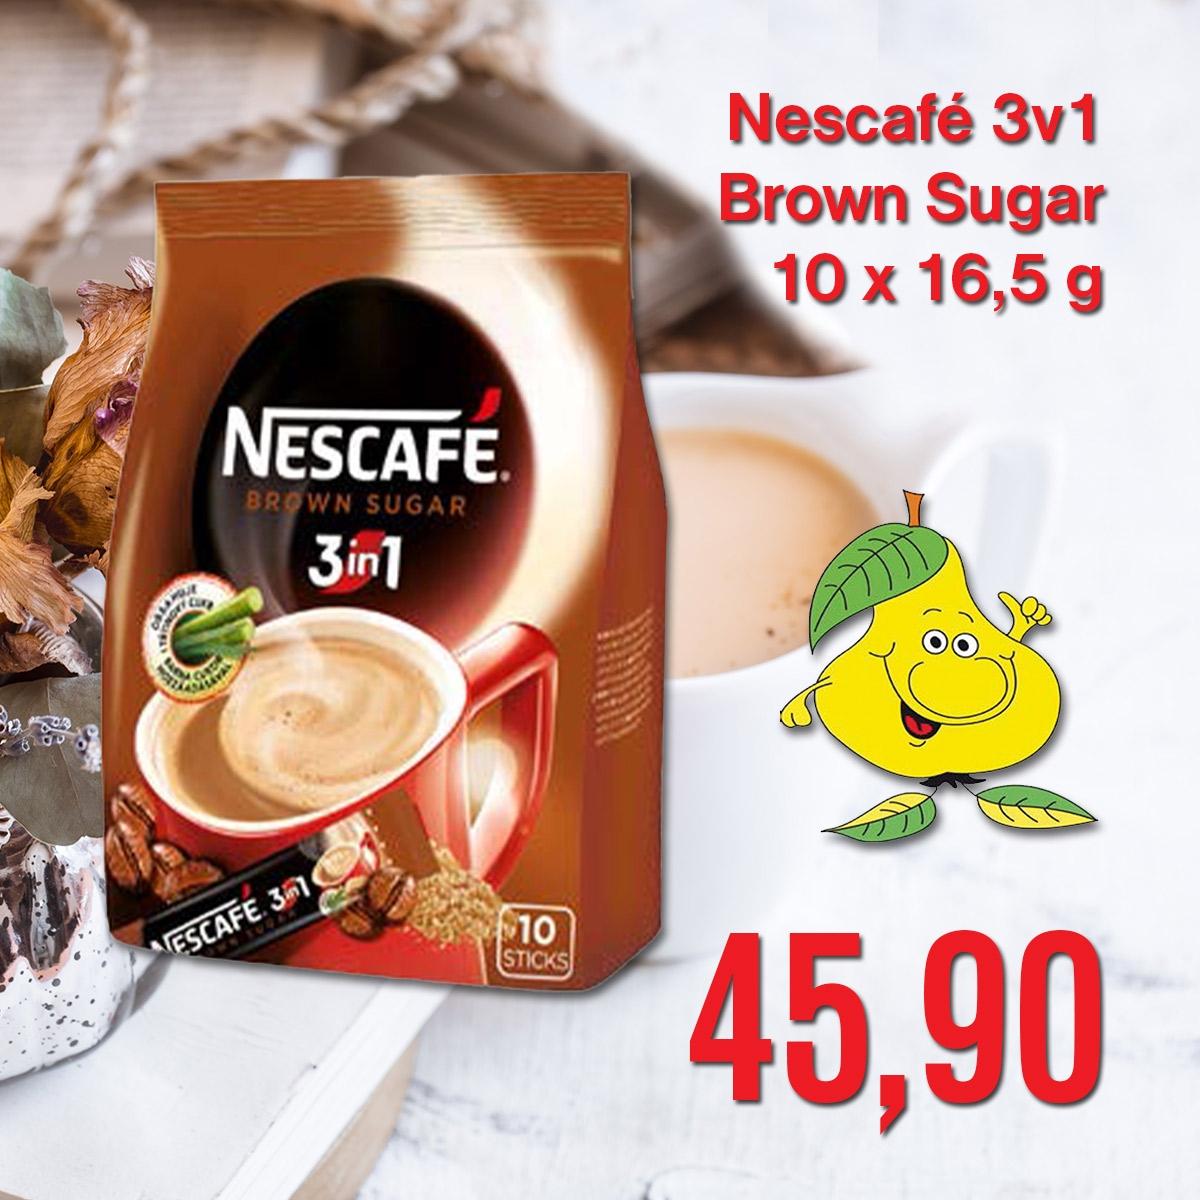 Nescafé 3 v 1 Brown Sugar 10 x 16,5 g